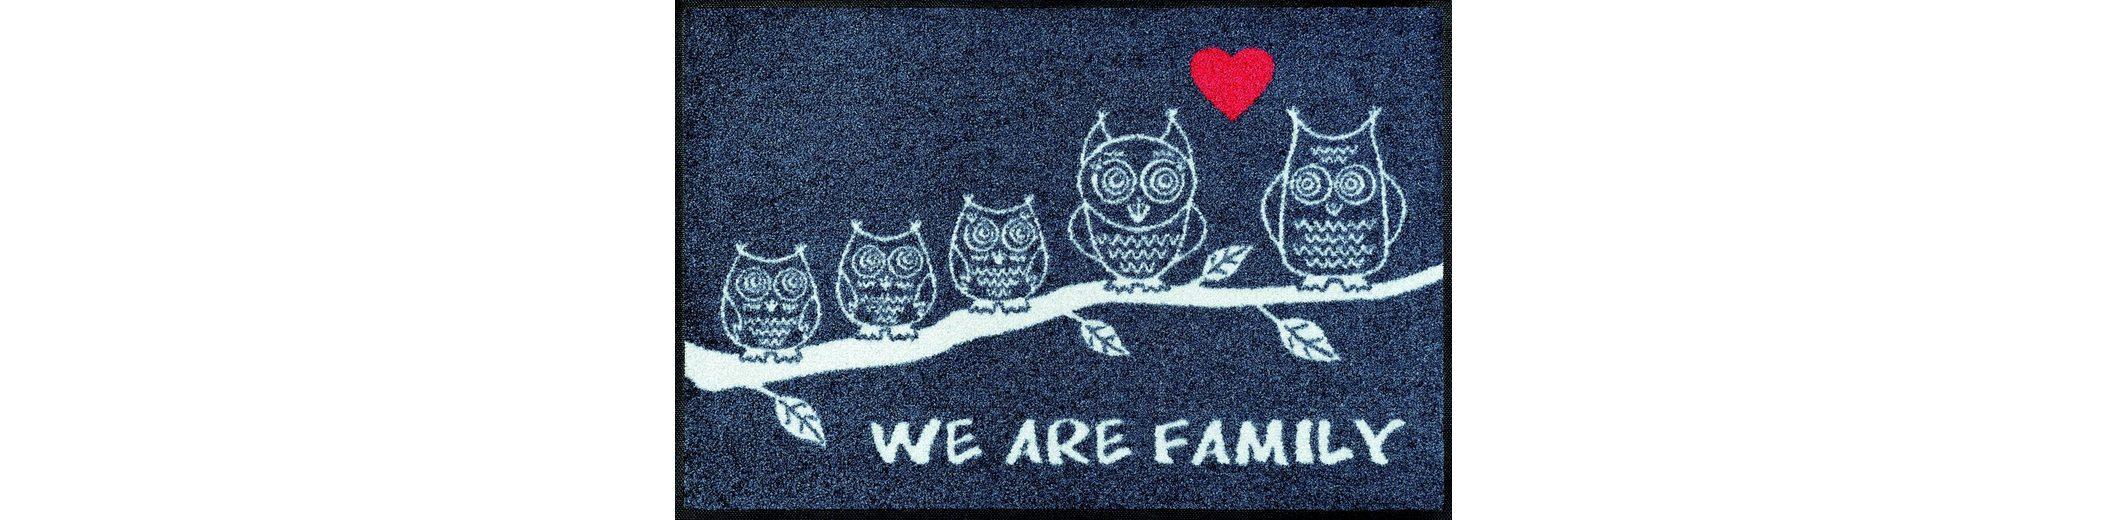 Fußmatte, wash+dry by Kleen-Tex, »We are Family«, rutschhemmend beschichtet